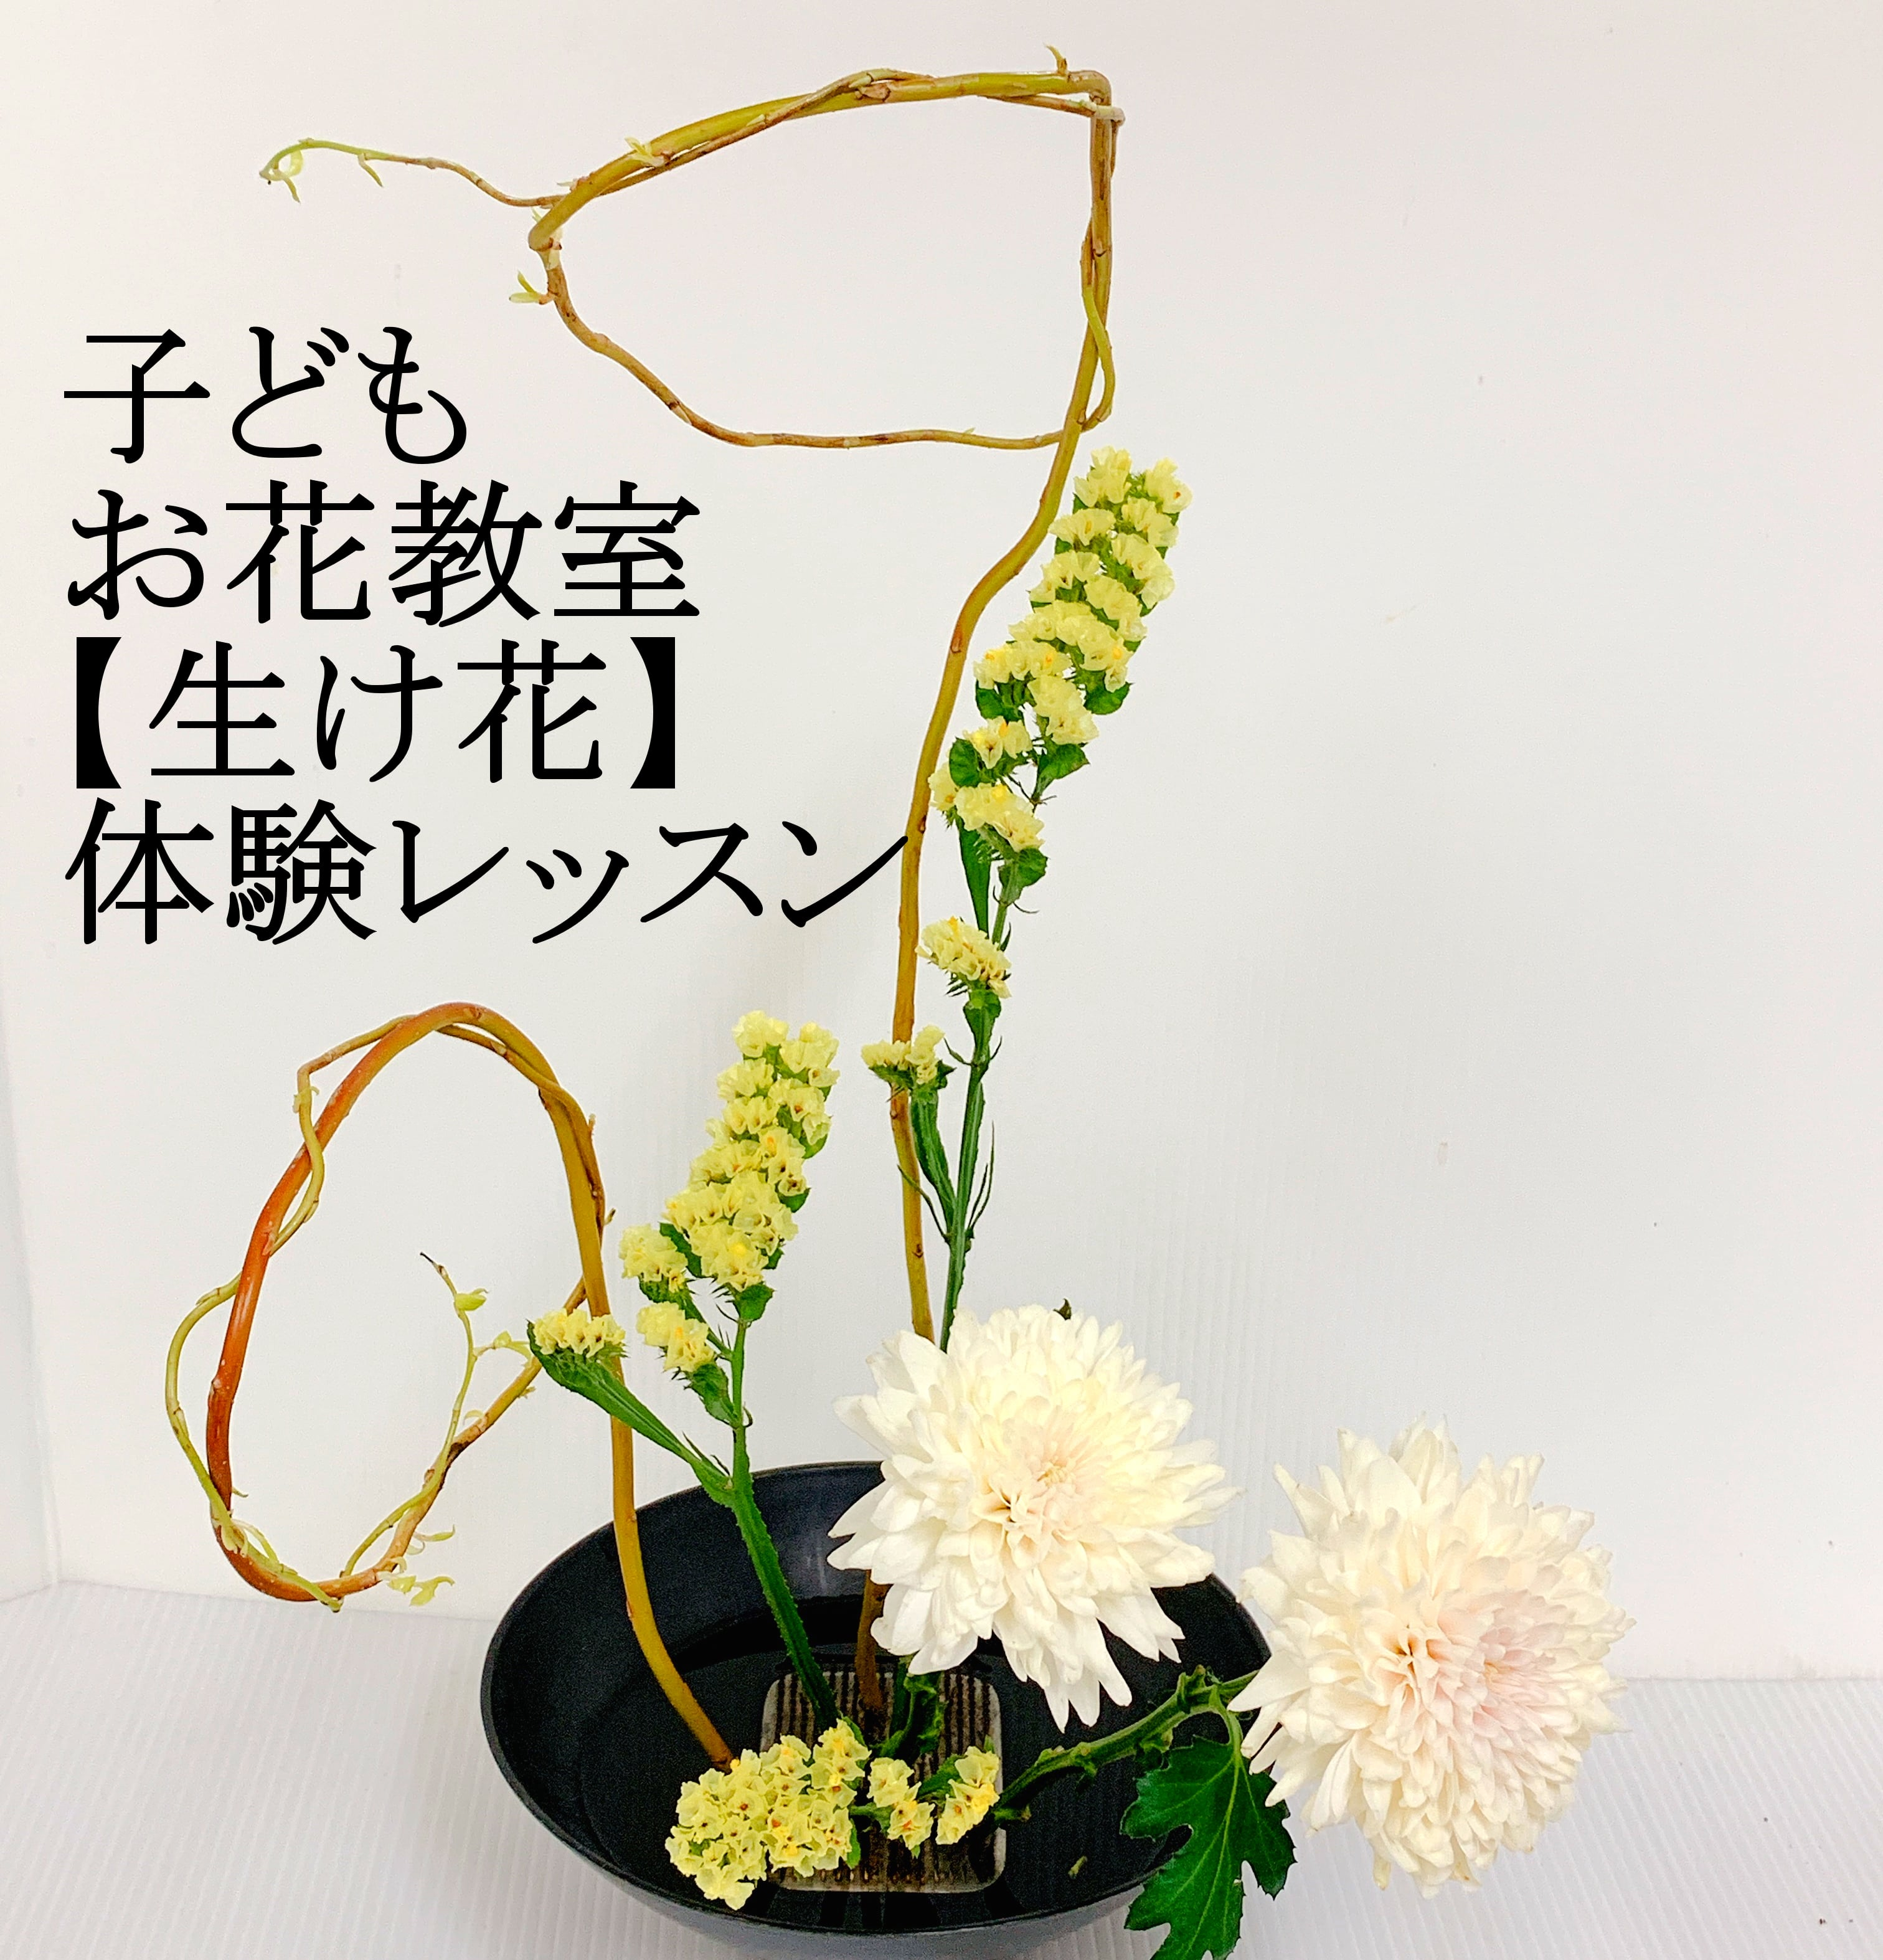 こどもお花教室【生け花】体験レッスンのイメージその1